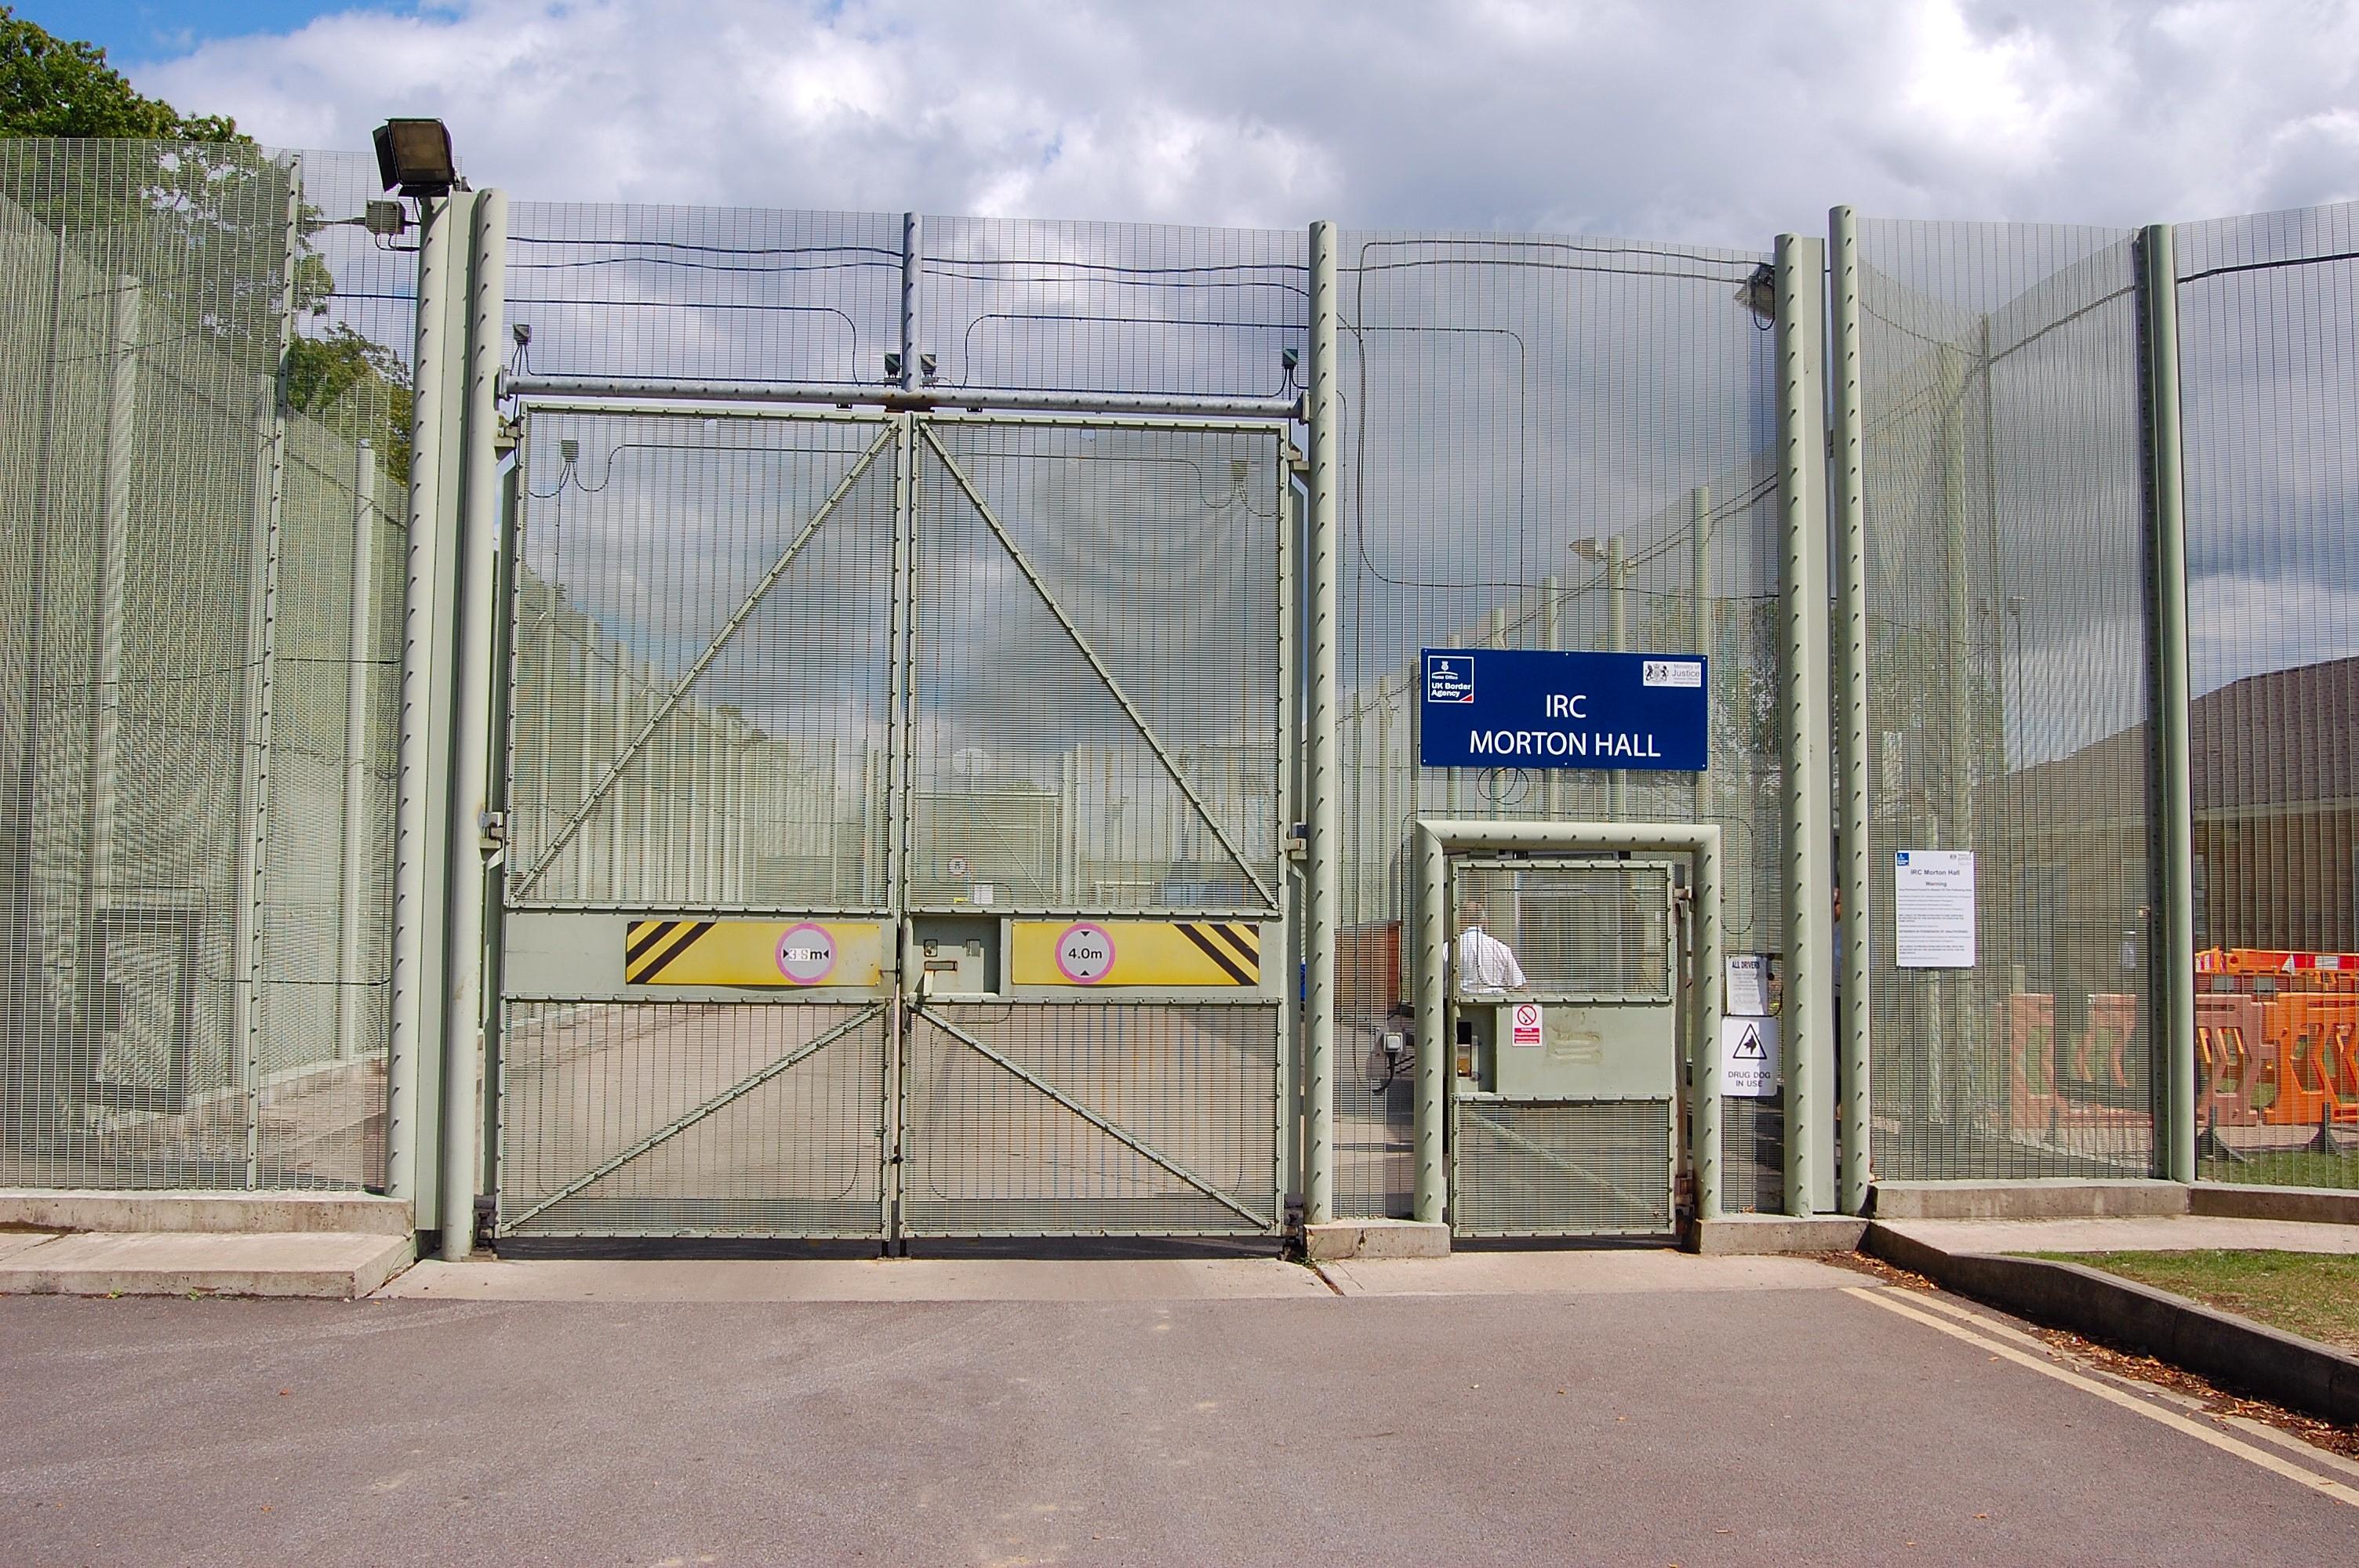 Morton Hall Immigration Removal Centre (United Kingdom)